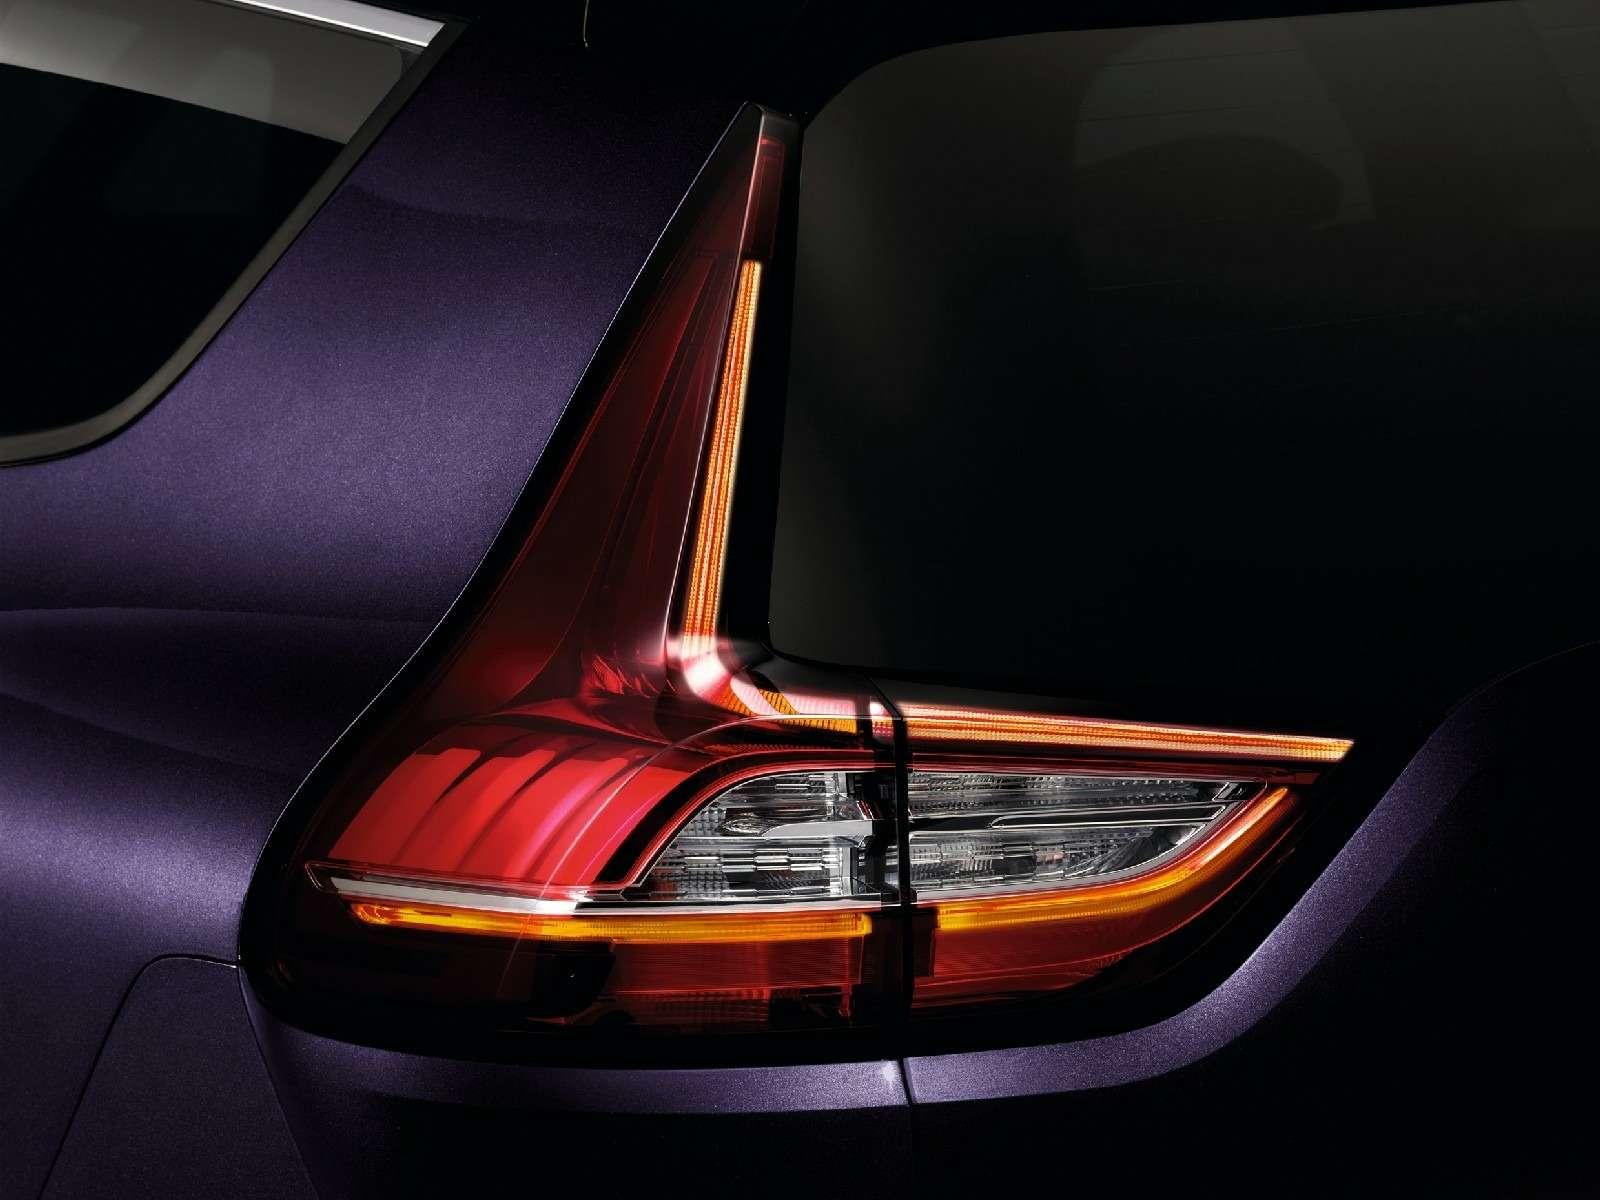 Парижский гламур: новый Renault Scenic стал еще красивее— фото 759165